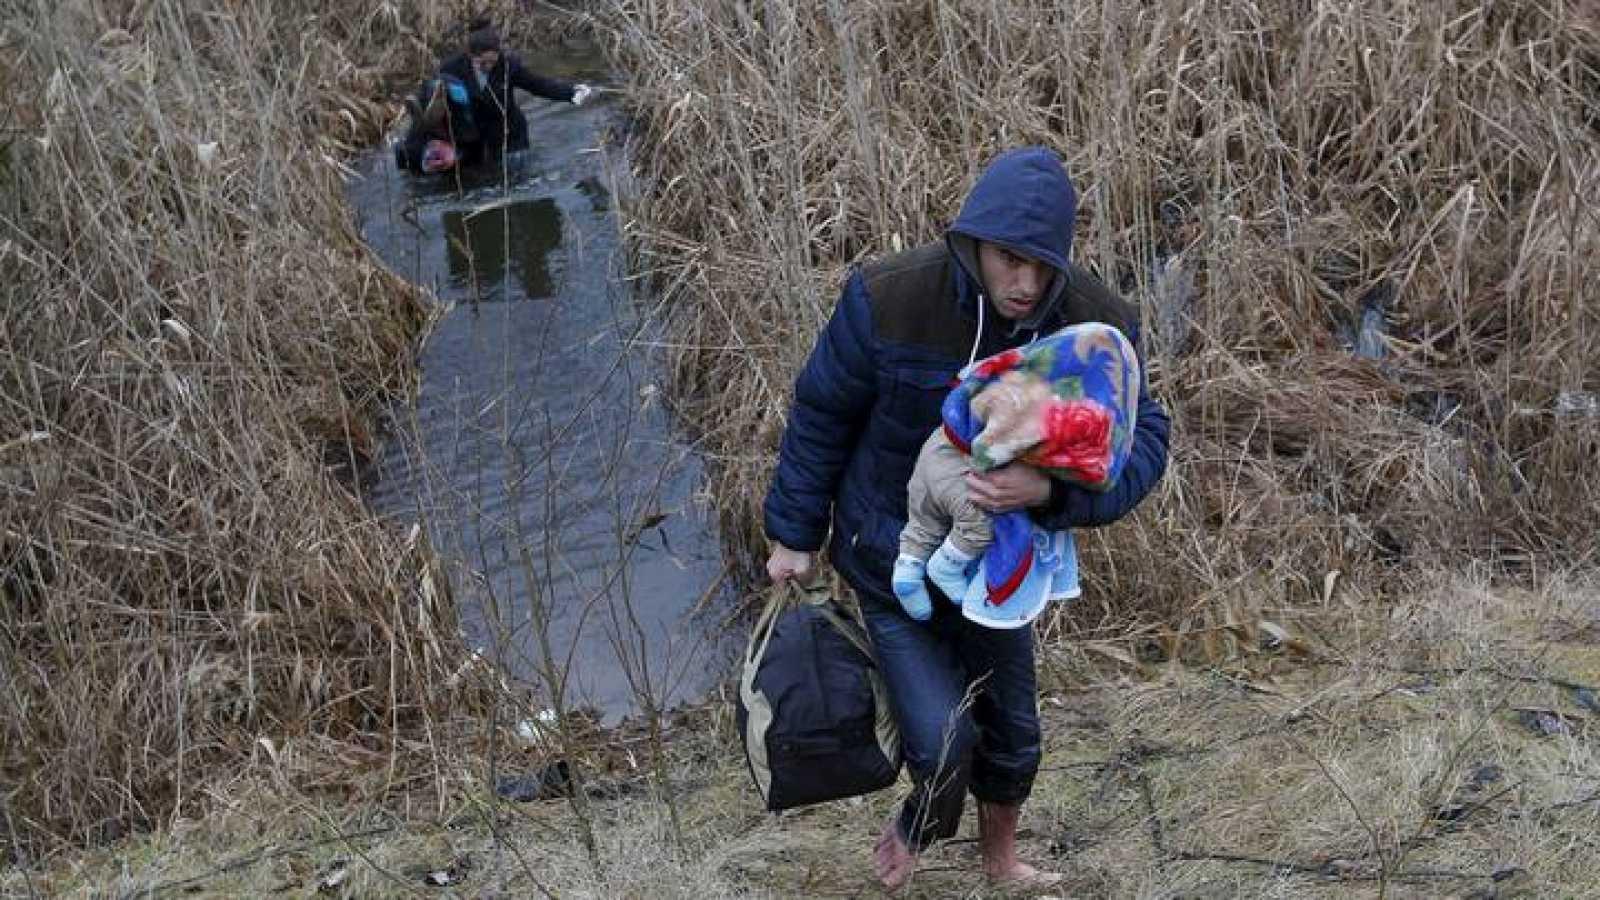 Una familia kosovar cruza clandestinamente a través de un cauce de agua la frontera entre Serbia y Hungría cerca de la localidad de Asotthalom el 6 de febrero de 2015.